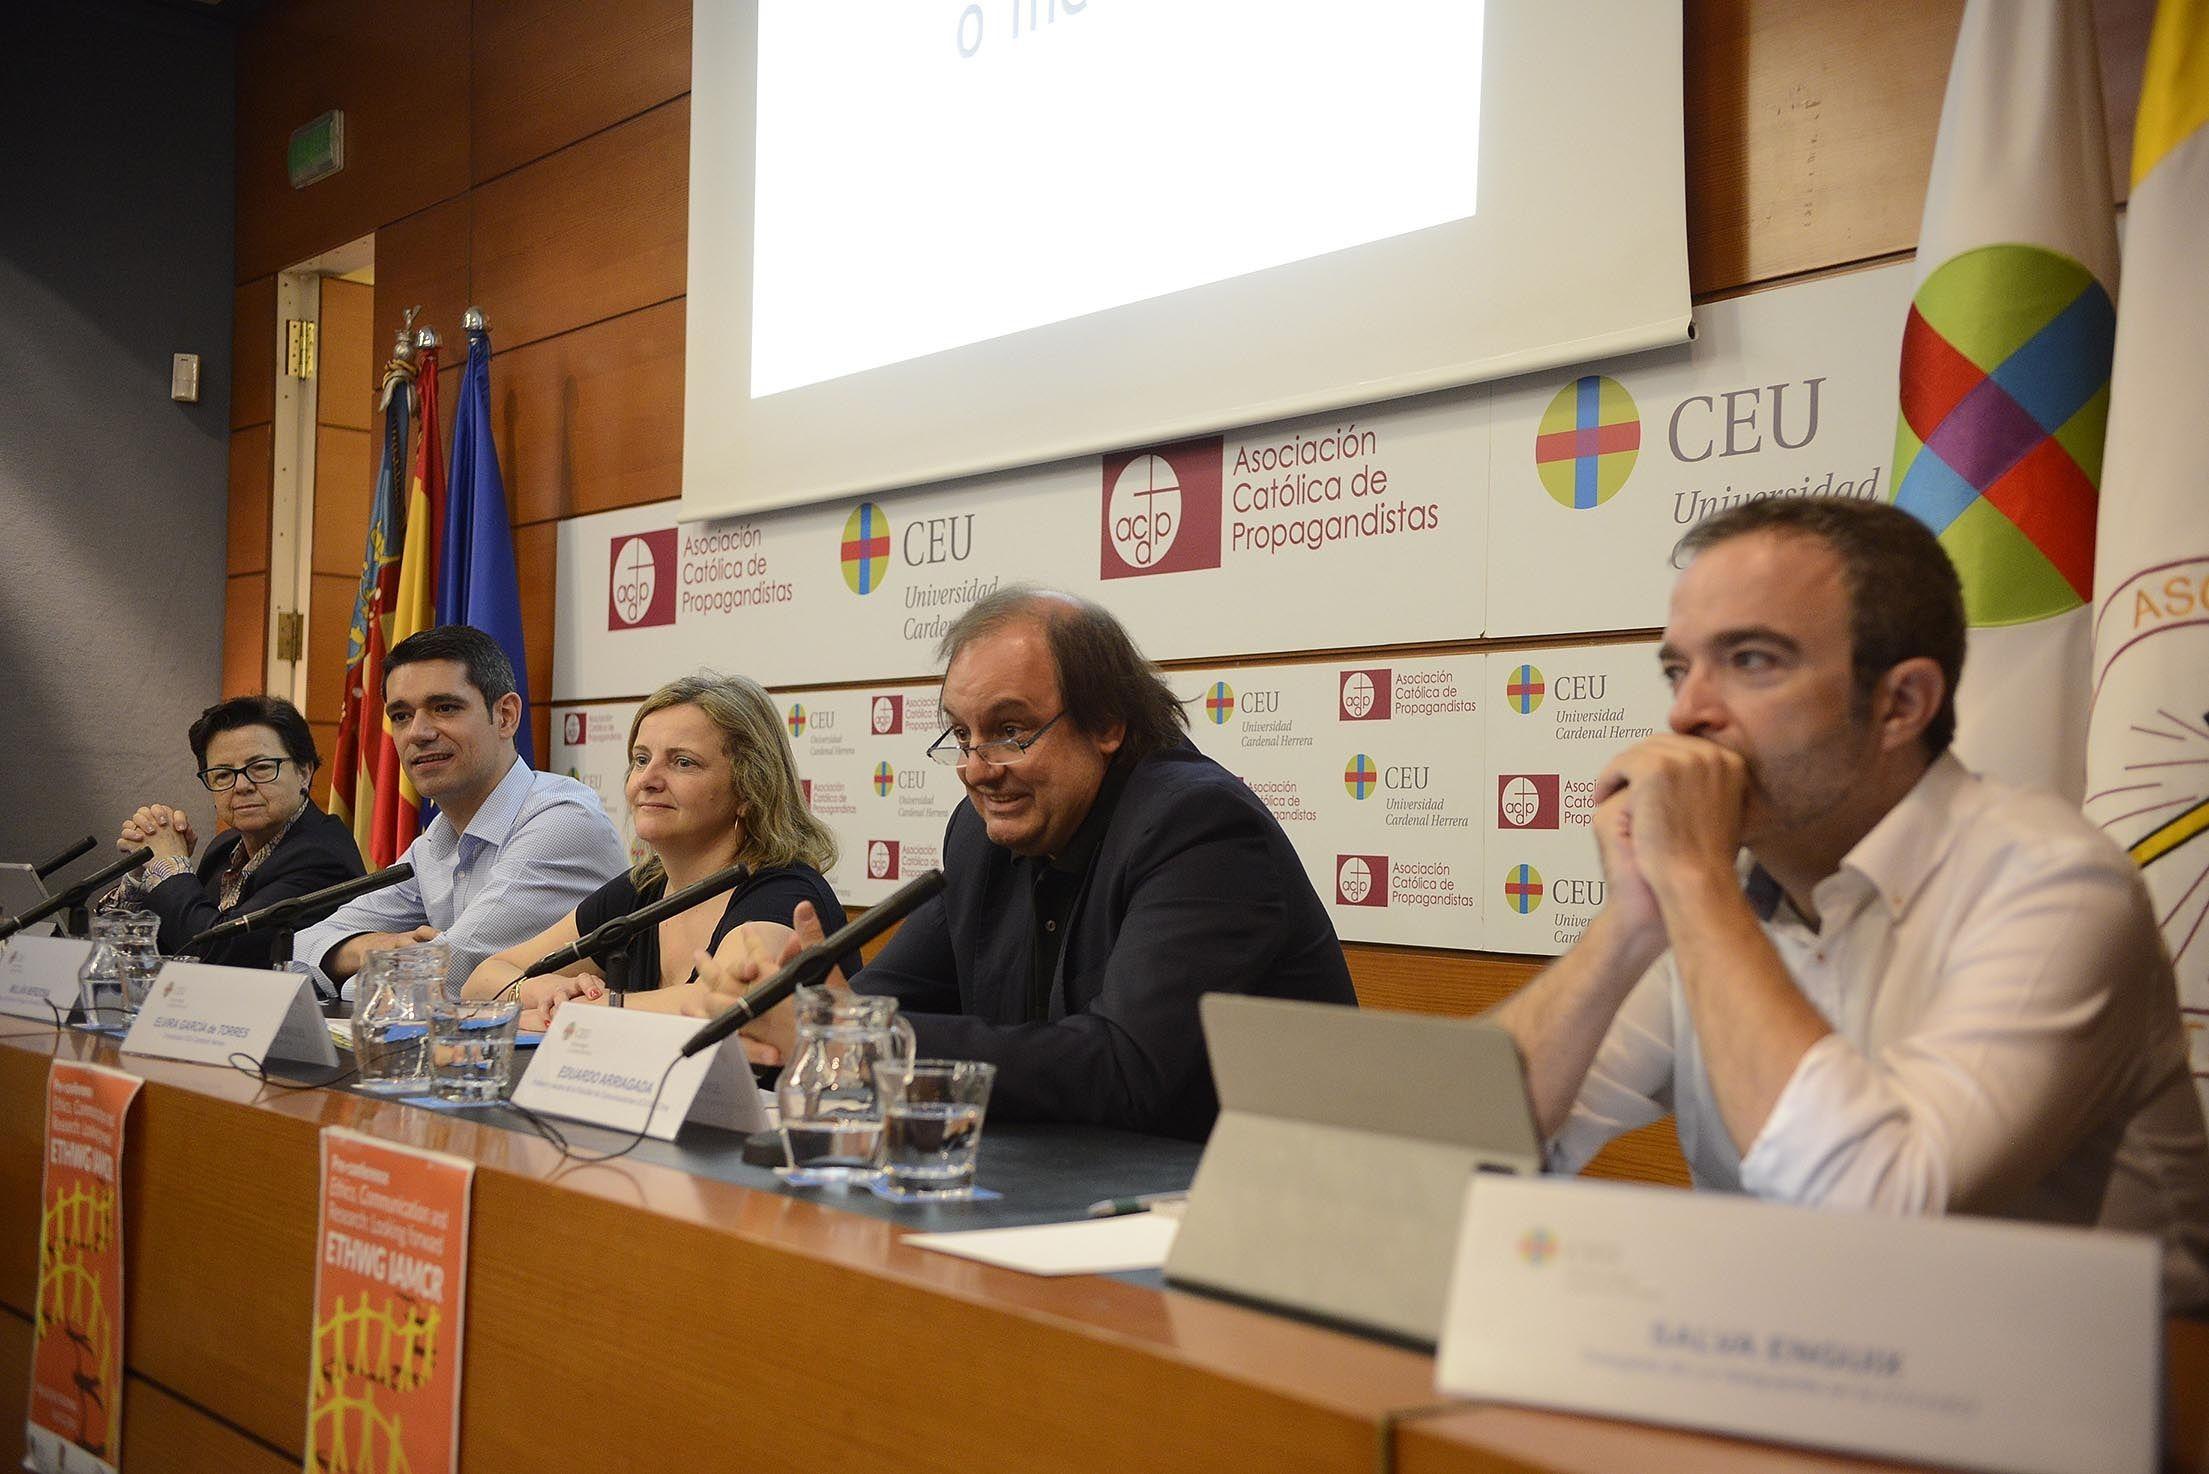 La profesora de la CEU-UCH Elvira García de Torres, organizadora del encuentro, ha moderado la primera mesa redonda.